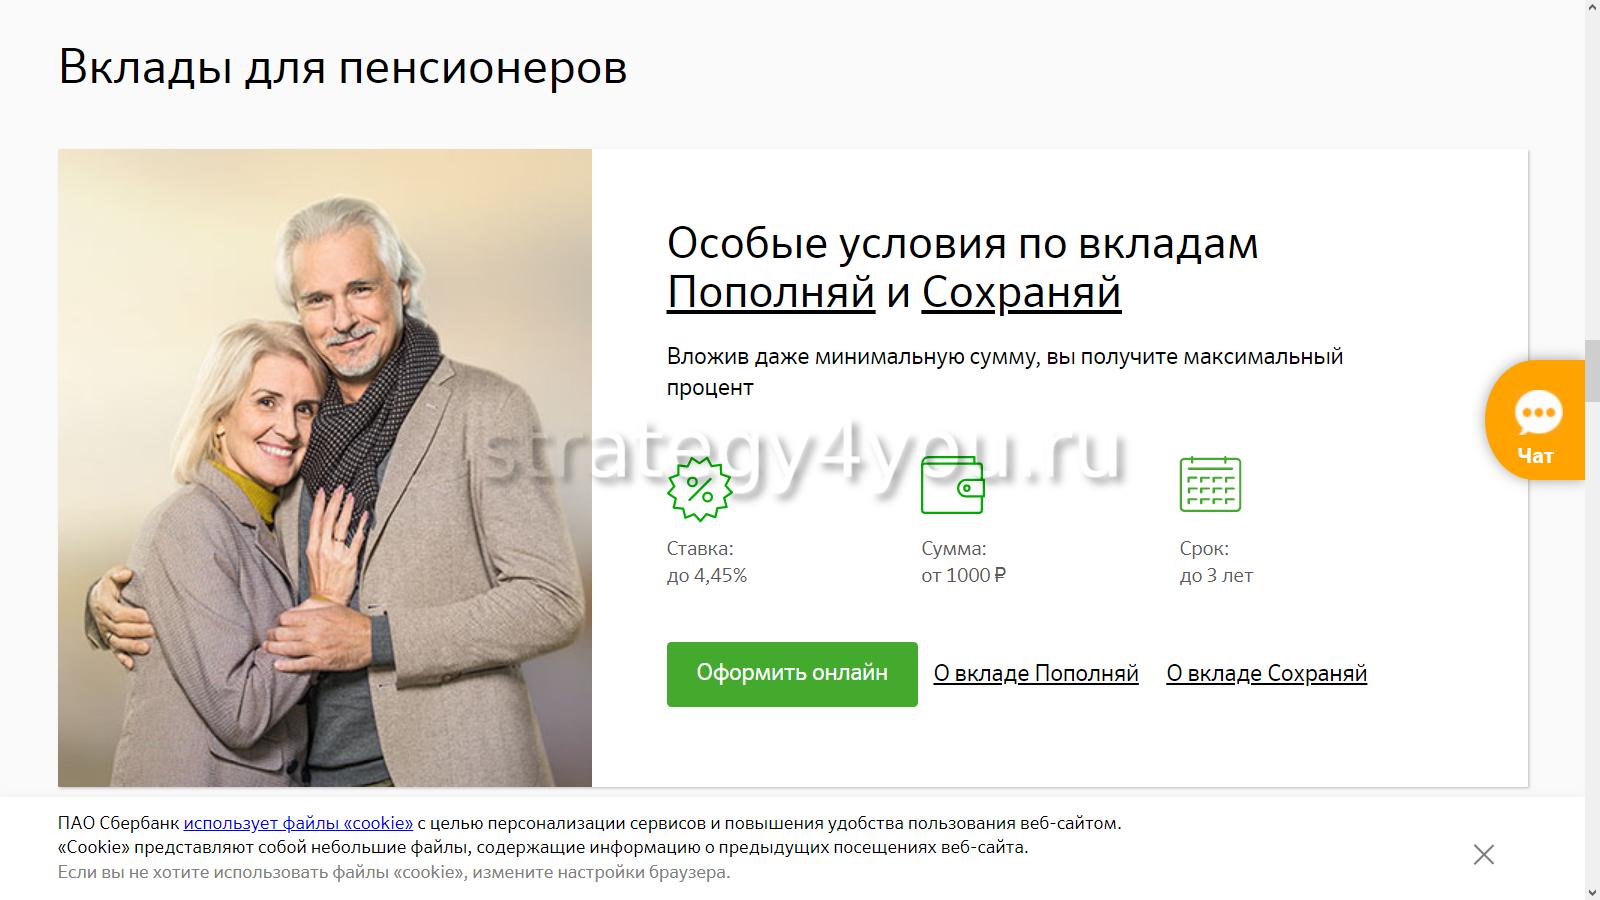 вклад пенсионный в сбербанке россии на сегодня